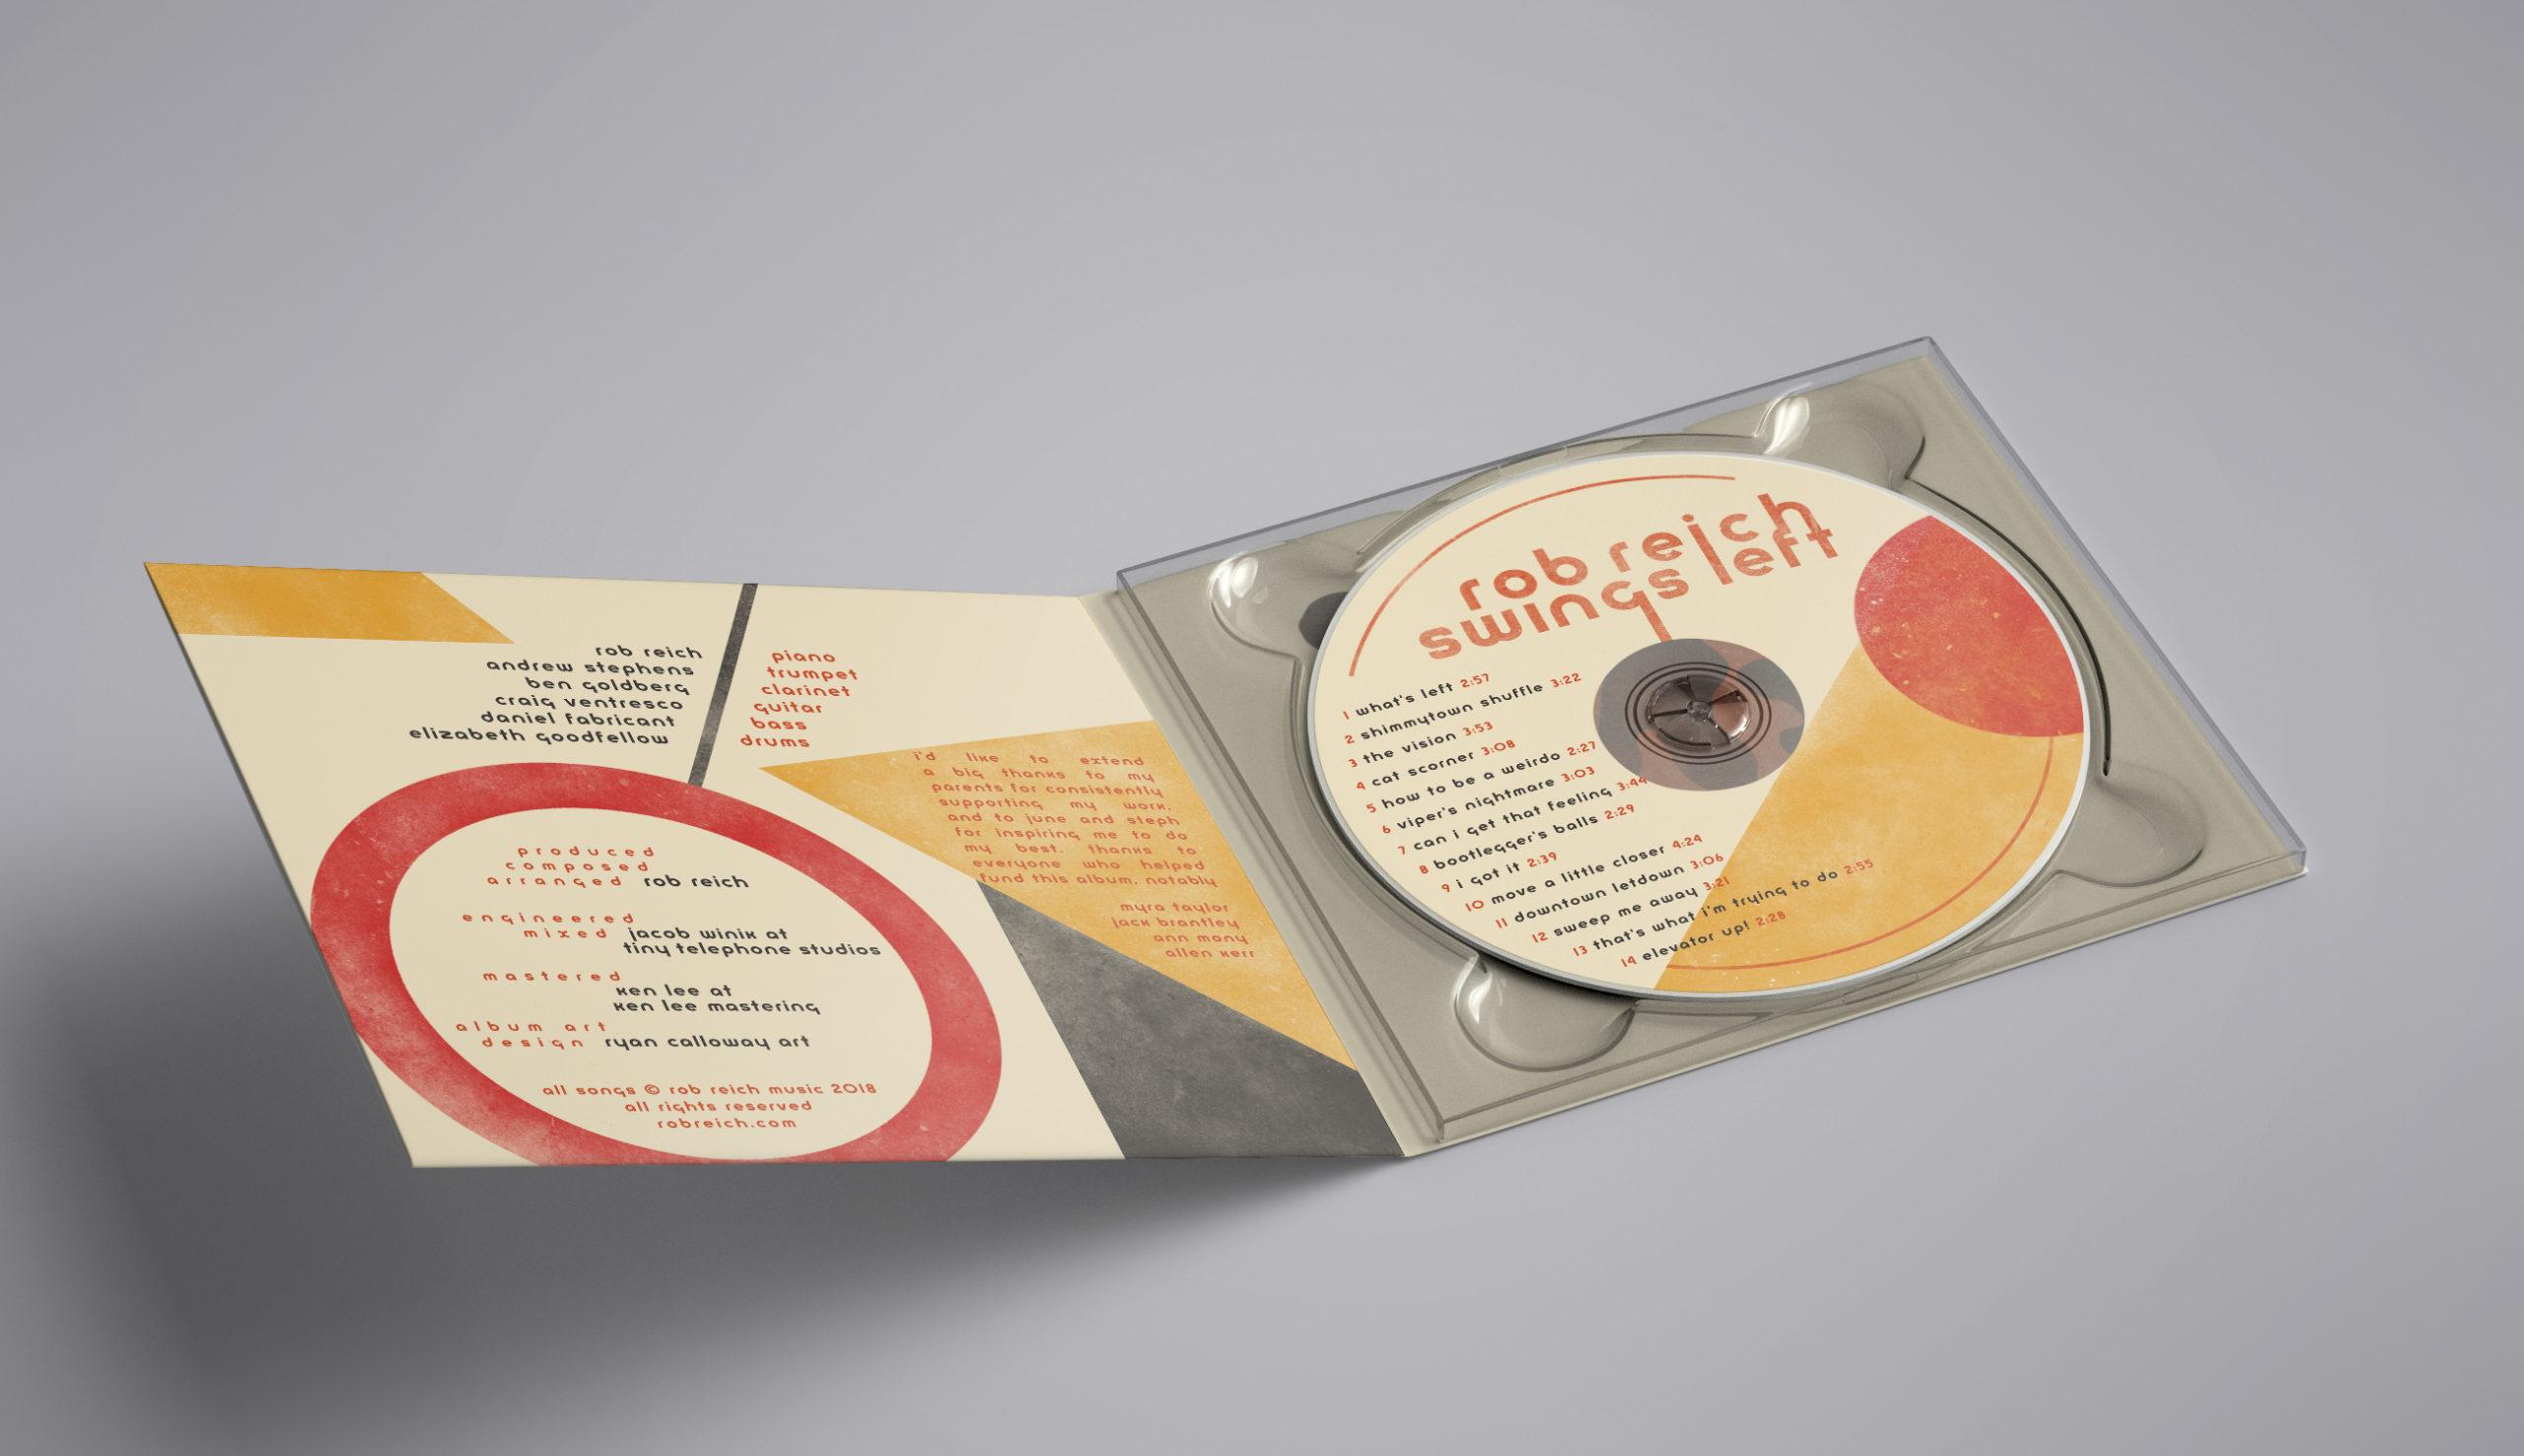 Final Album design Rob Reich Jazz Music